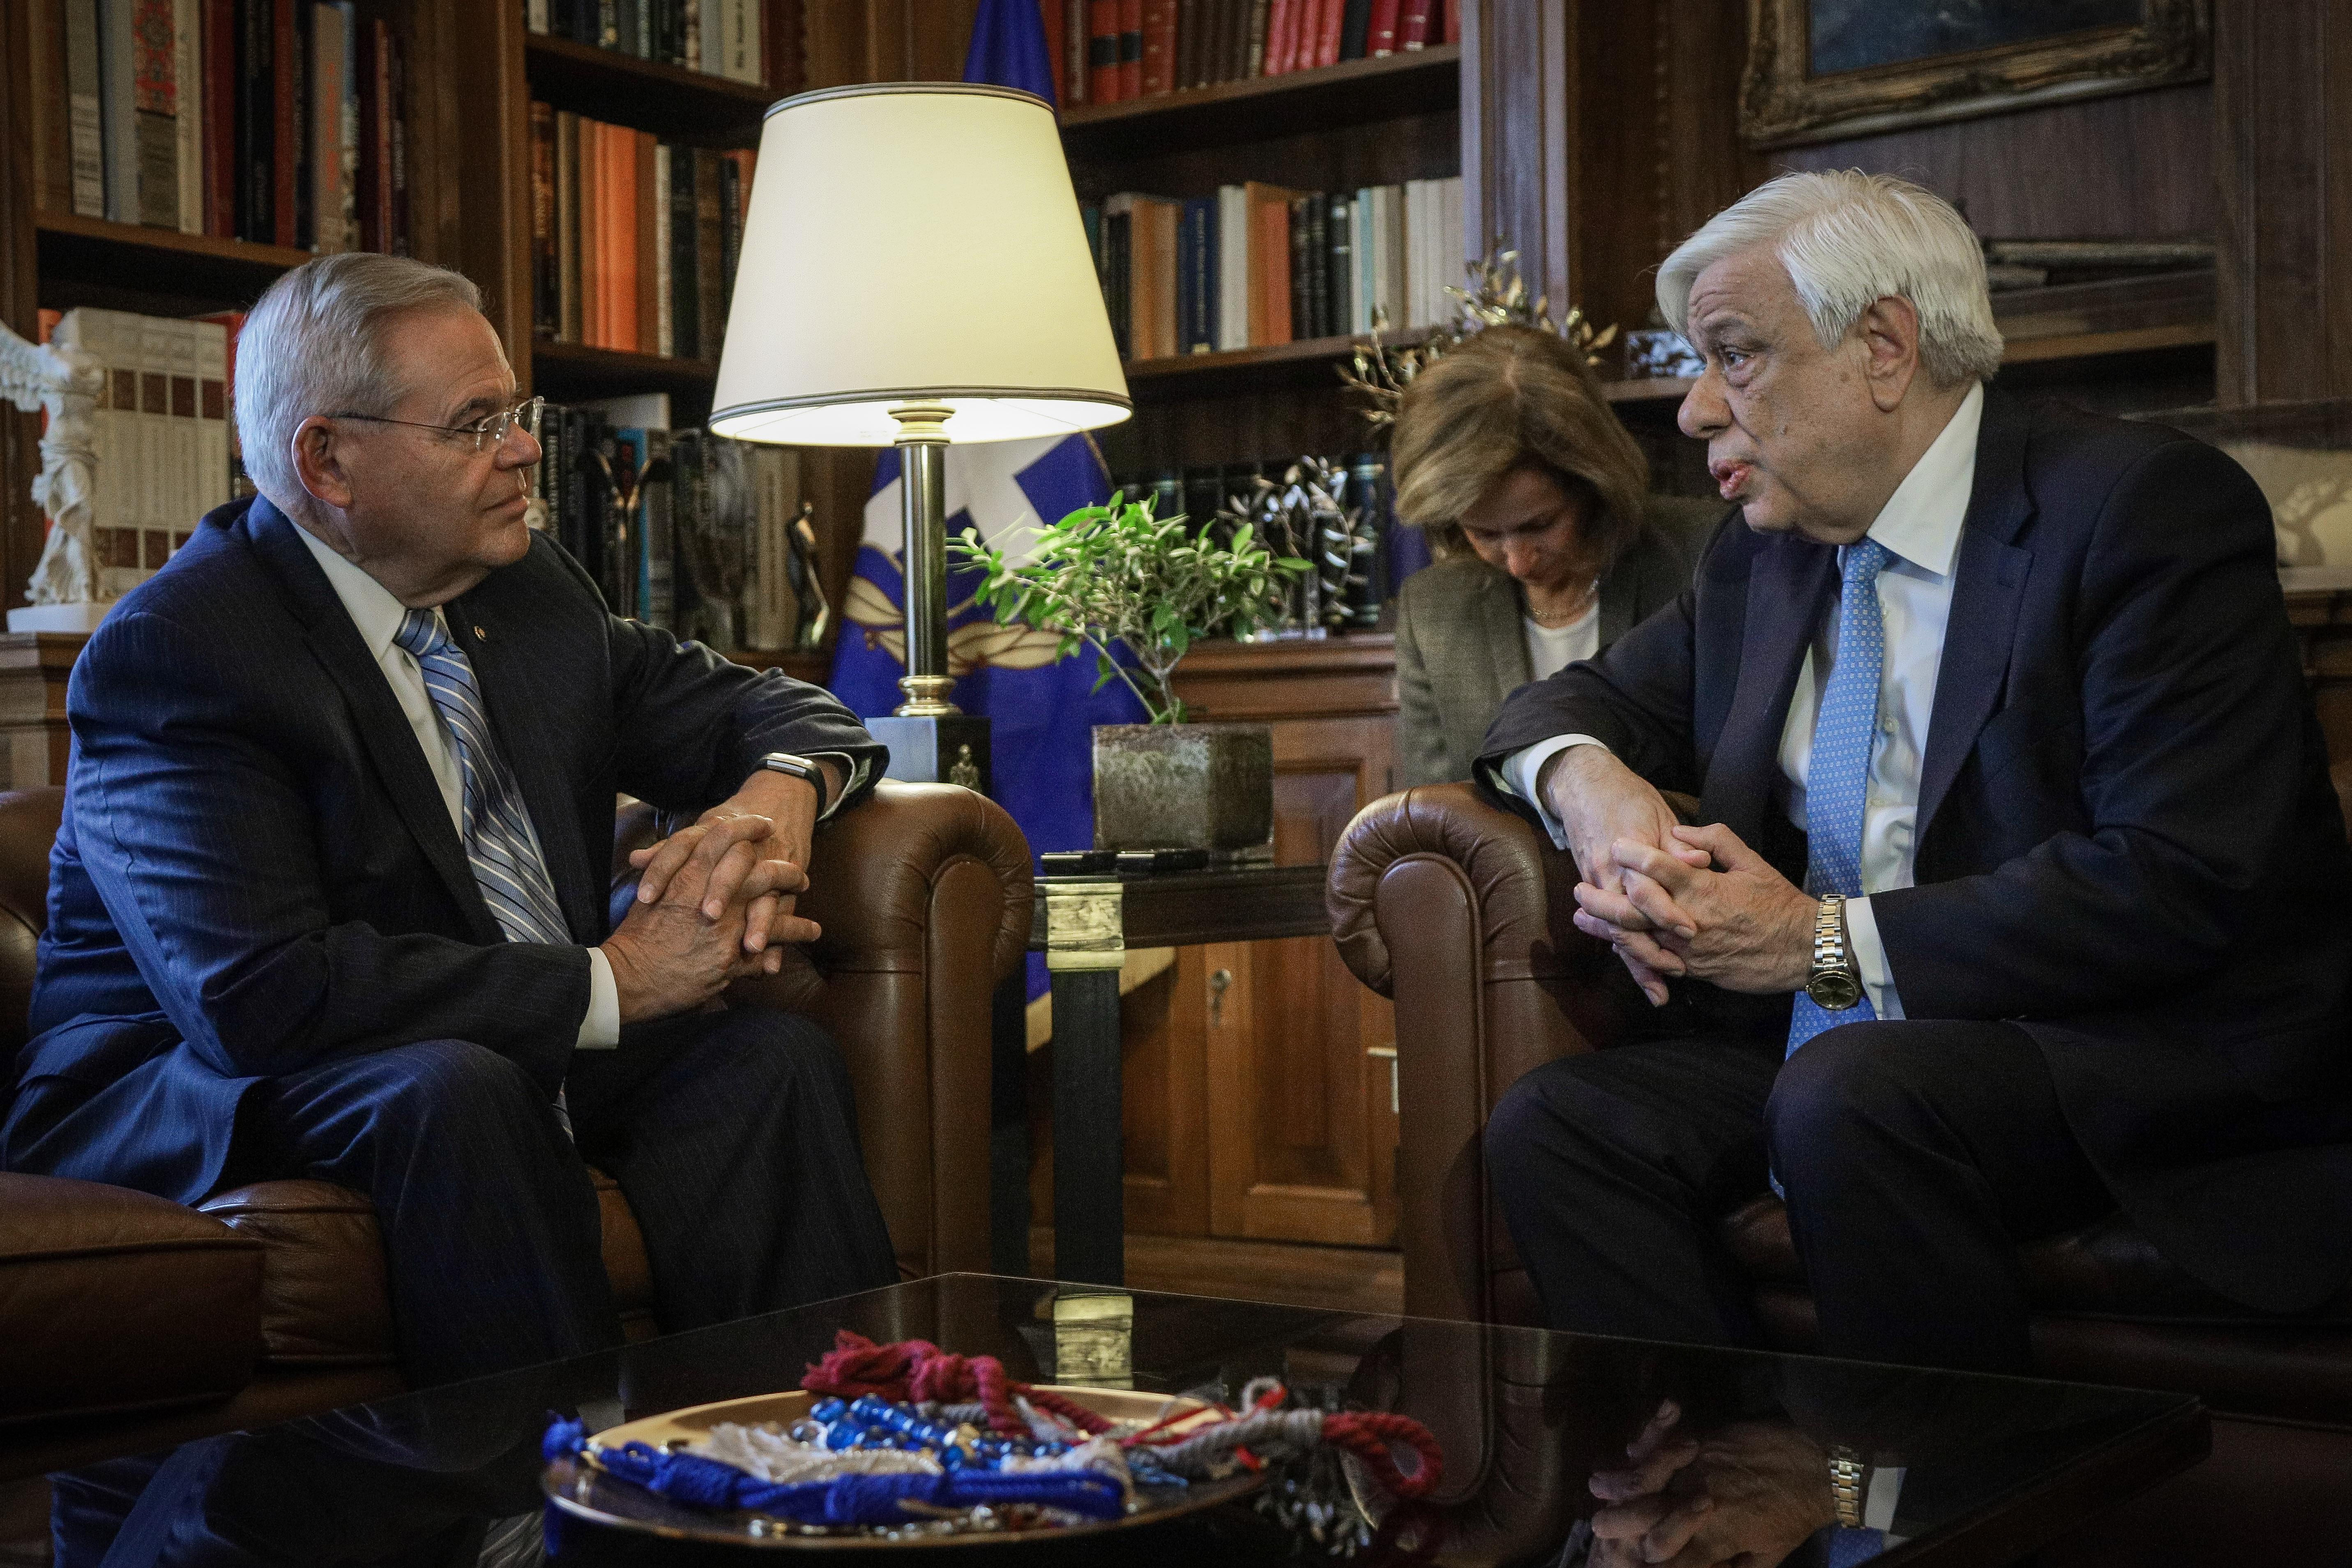 Ο Προκόπης Παυλόπουλος  με τον Ρόμπερτ Μενέντεζ στο Προεδρικό Μέγαρο